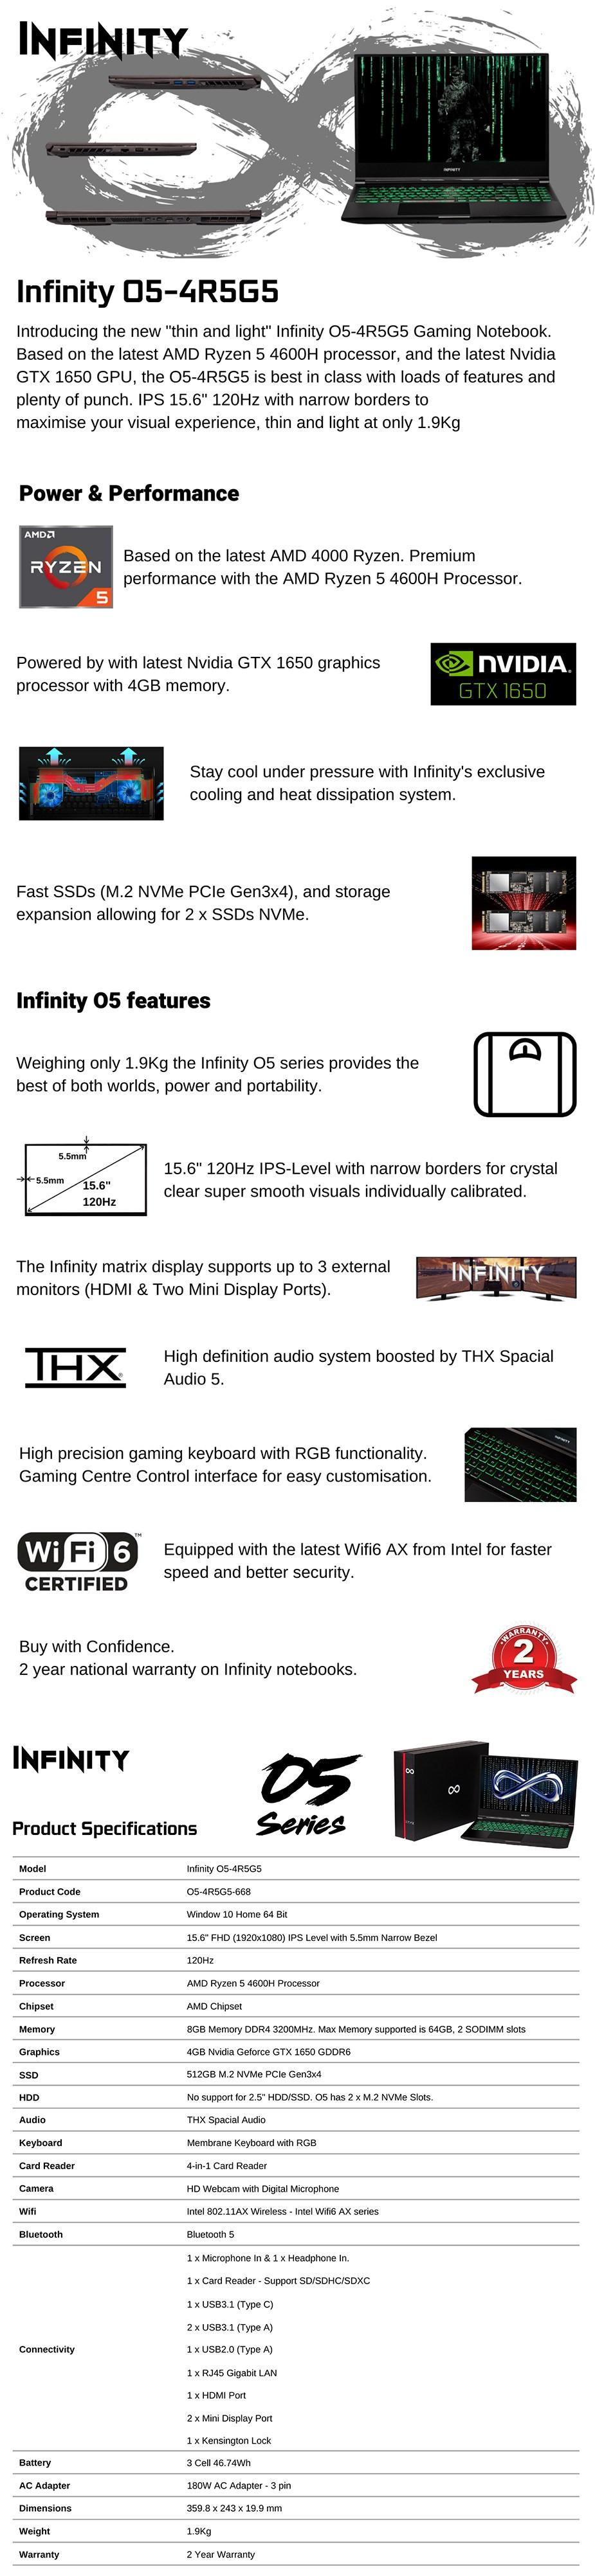 infinity_o54r5g5668_156_120hz_gaming_laptop_r54600h_8gb_512gb_1650_w10h_ac36589_10.jpg